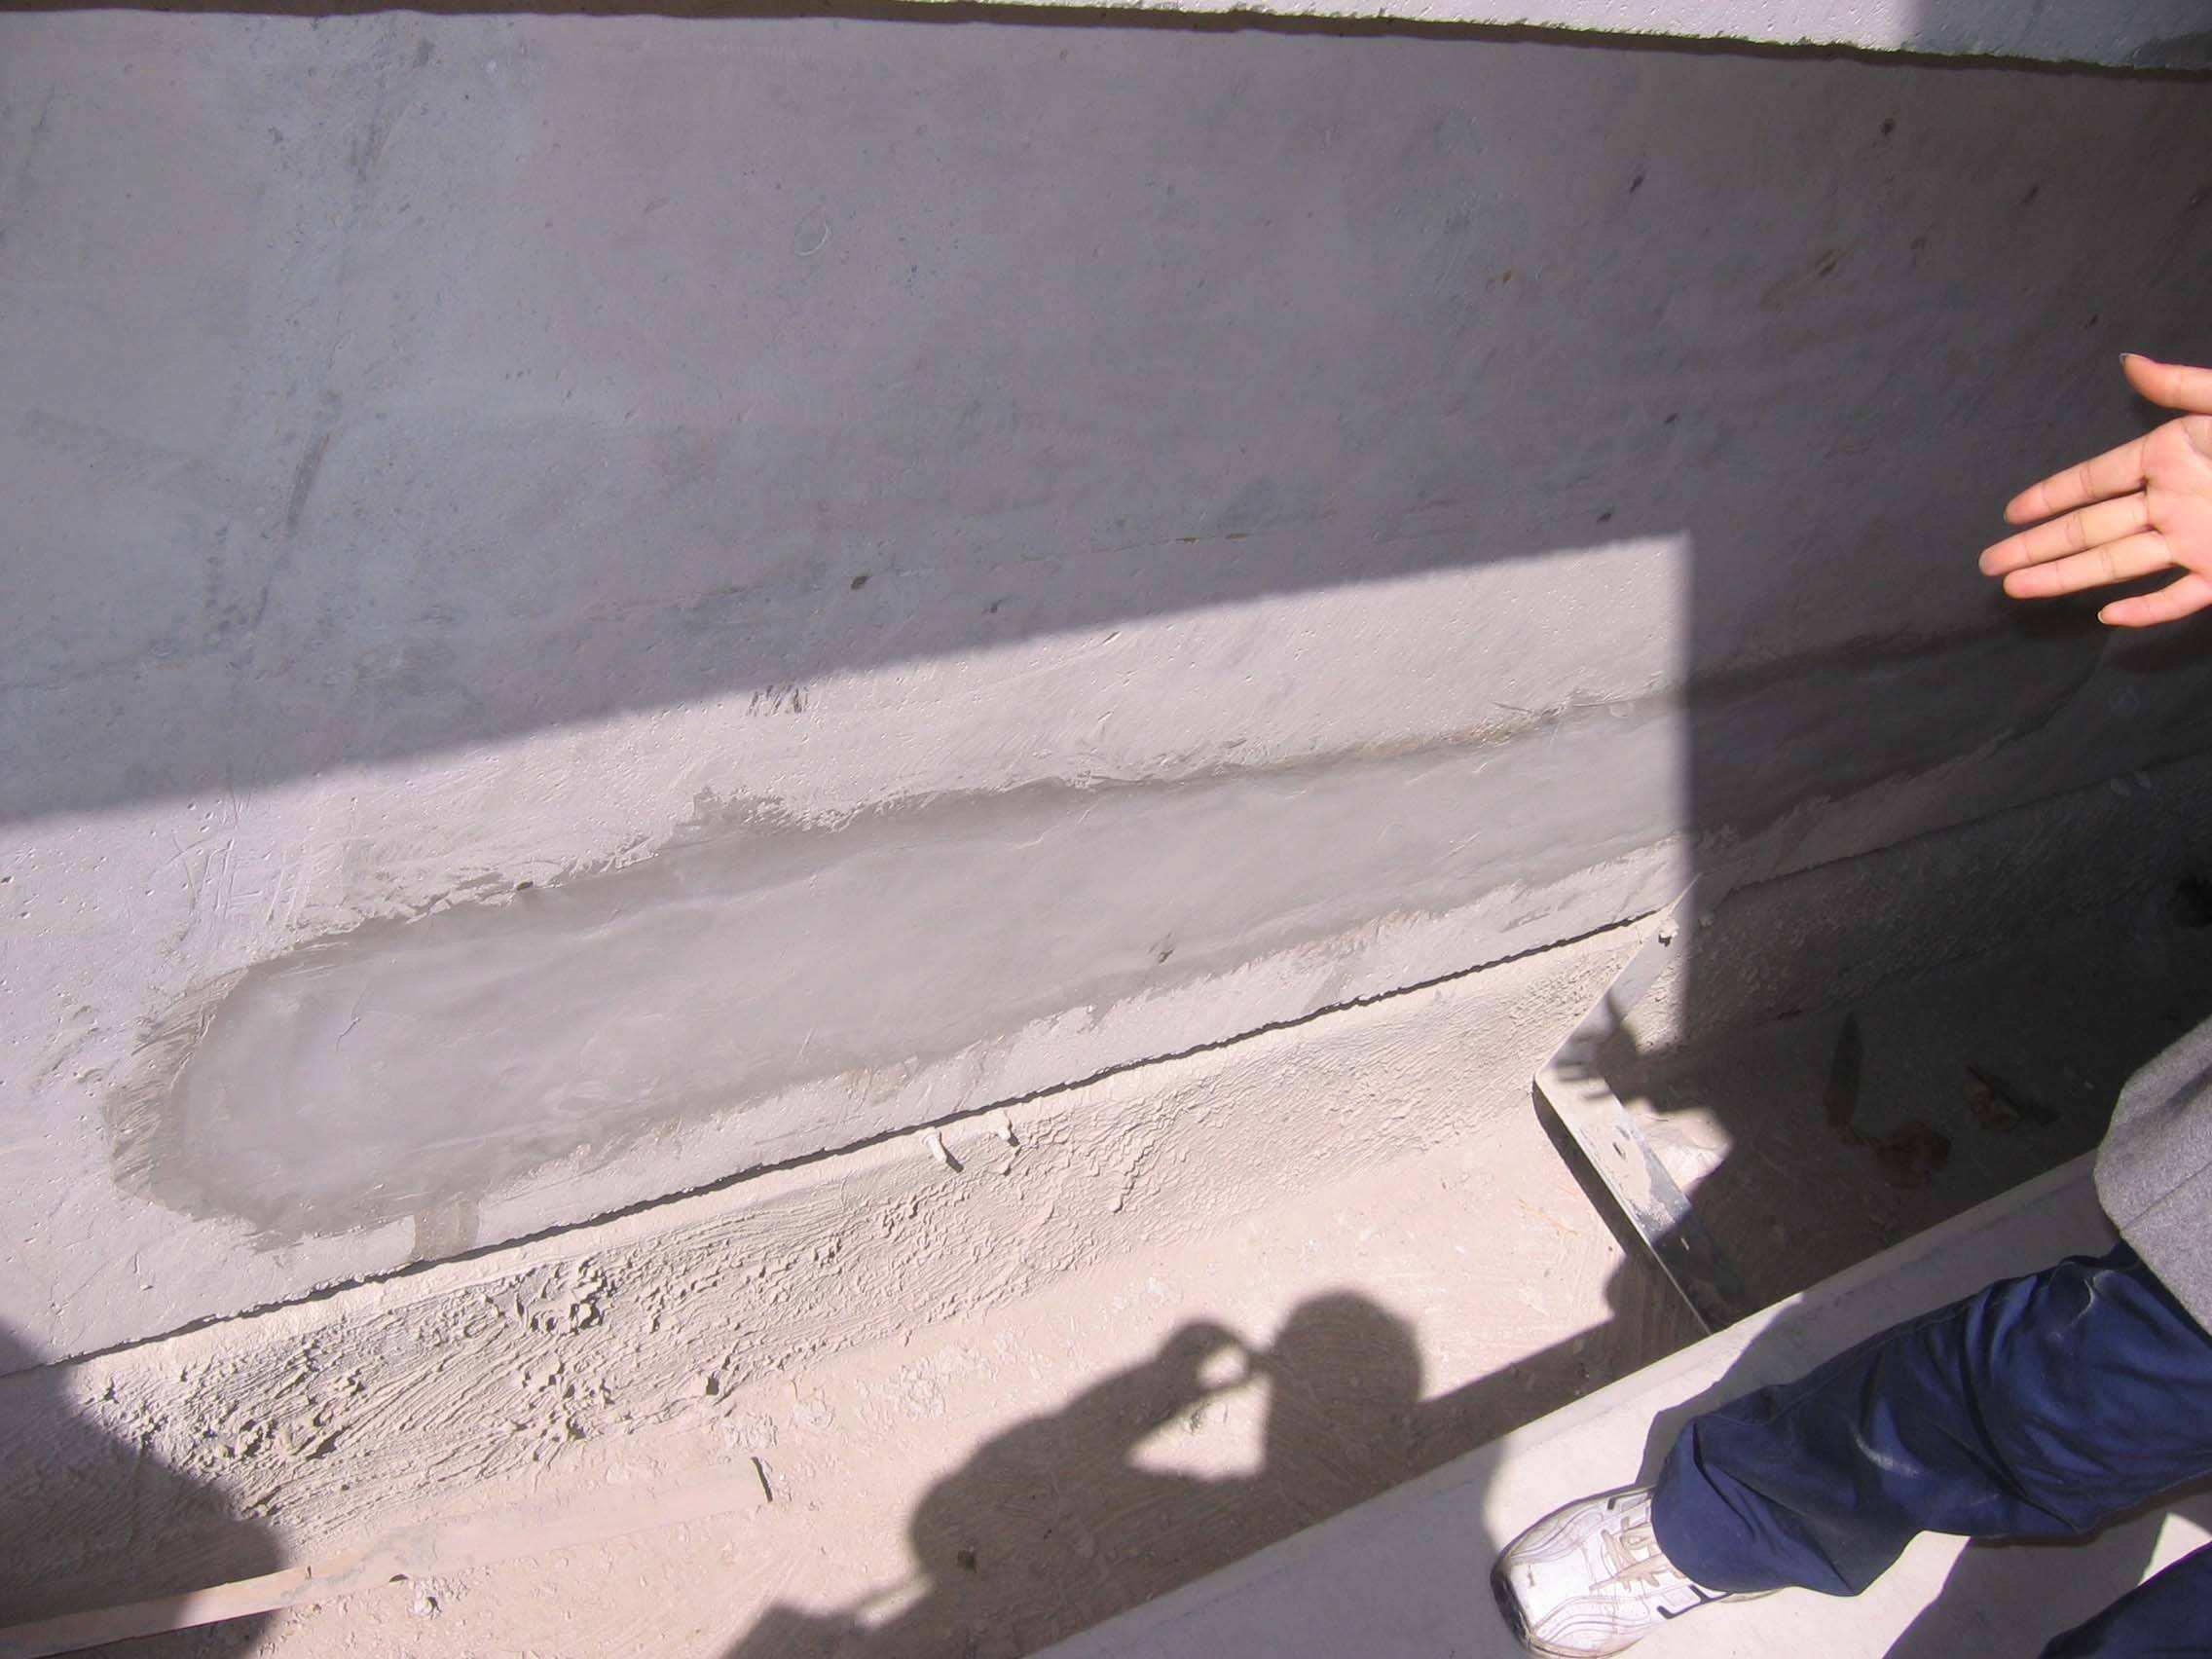 天津防腐蚀环氧树脂砂浆|防水防腐蚀砂浆价格低